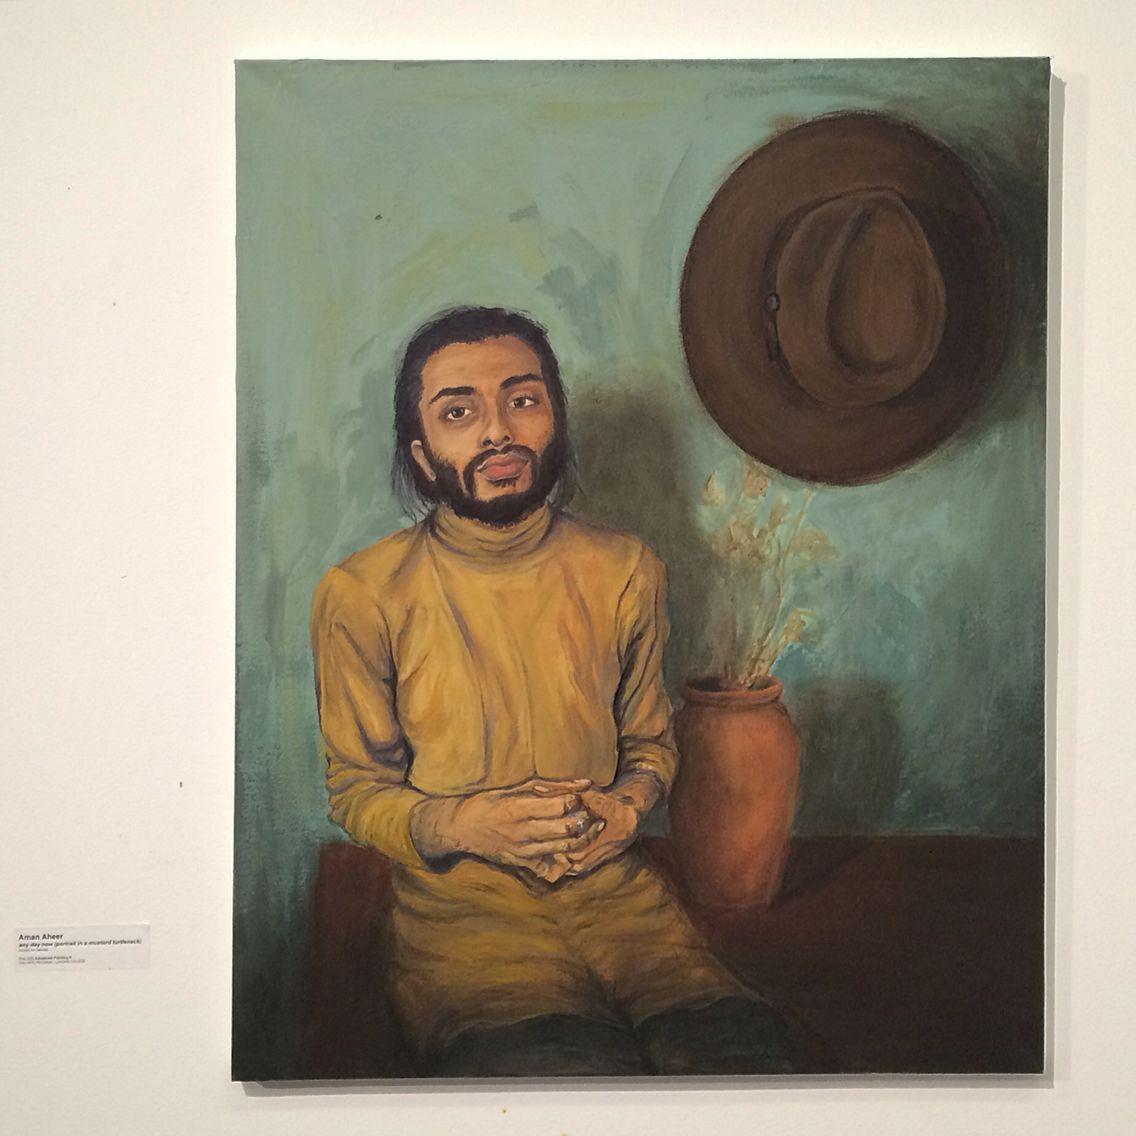 Self Portrait in a Mustard Turtleneck